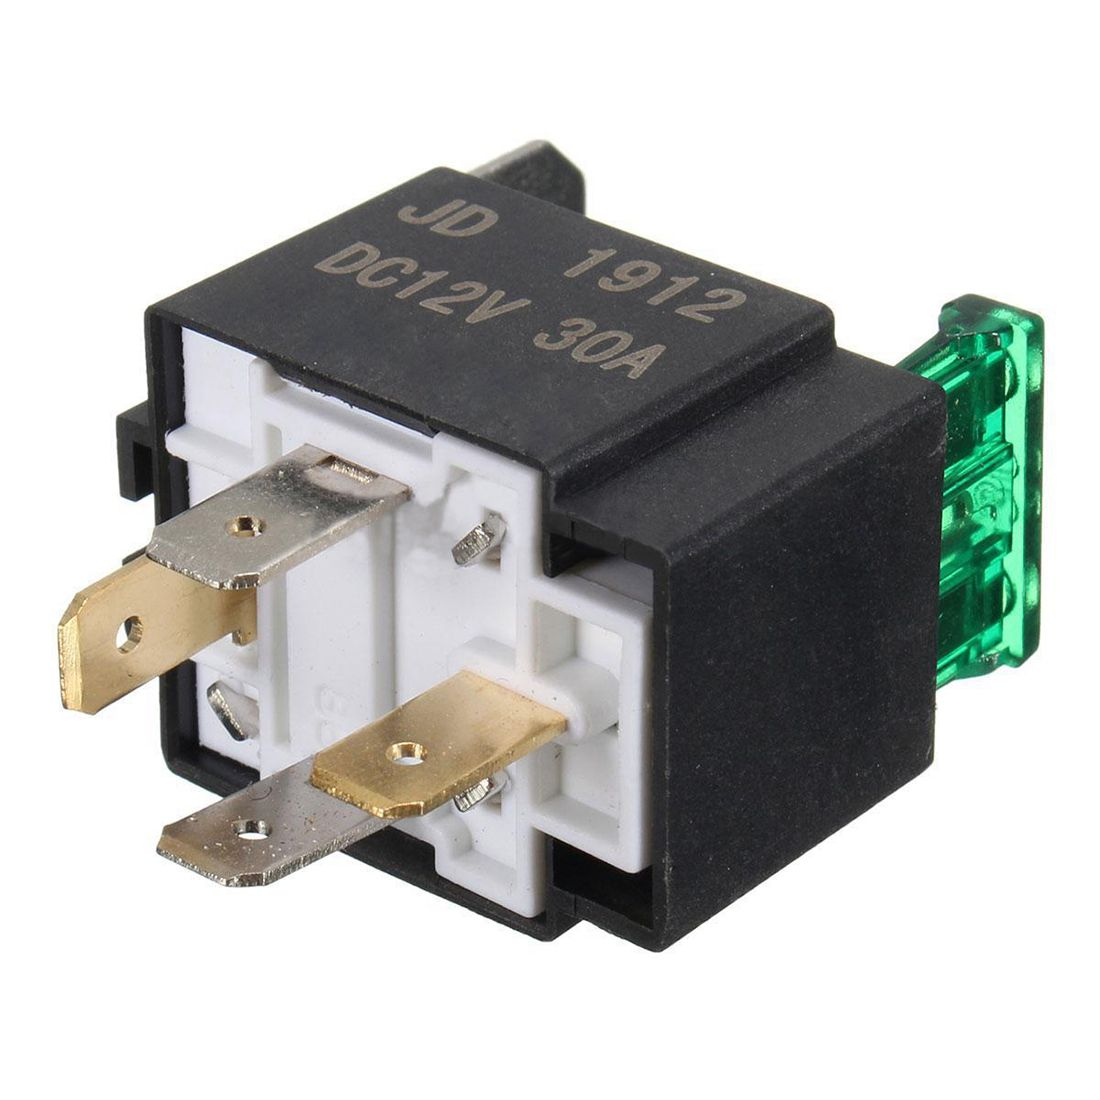 12v 30a 4 pin spst auto kfz relais schliesser wechsel. Black Bedroom Furniture Sets. Home Design Ideas